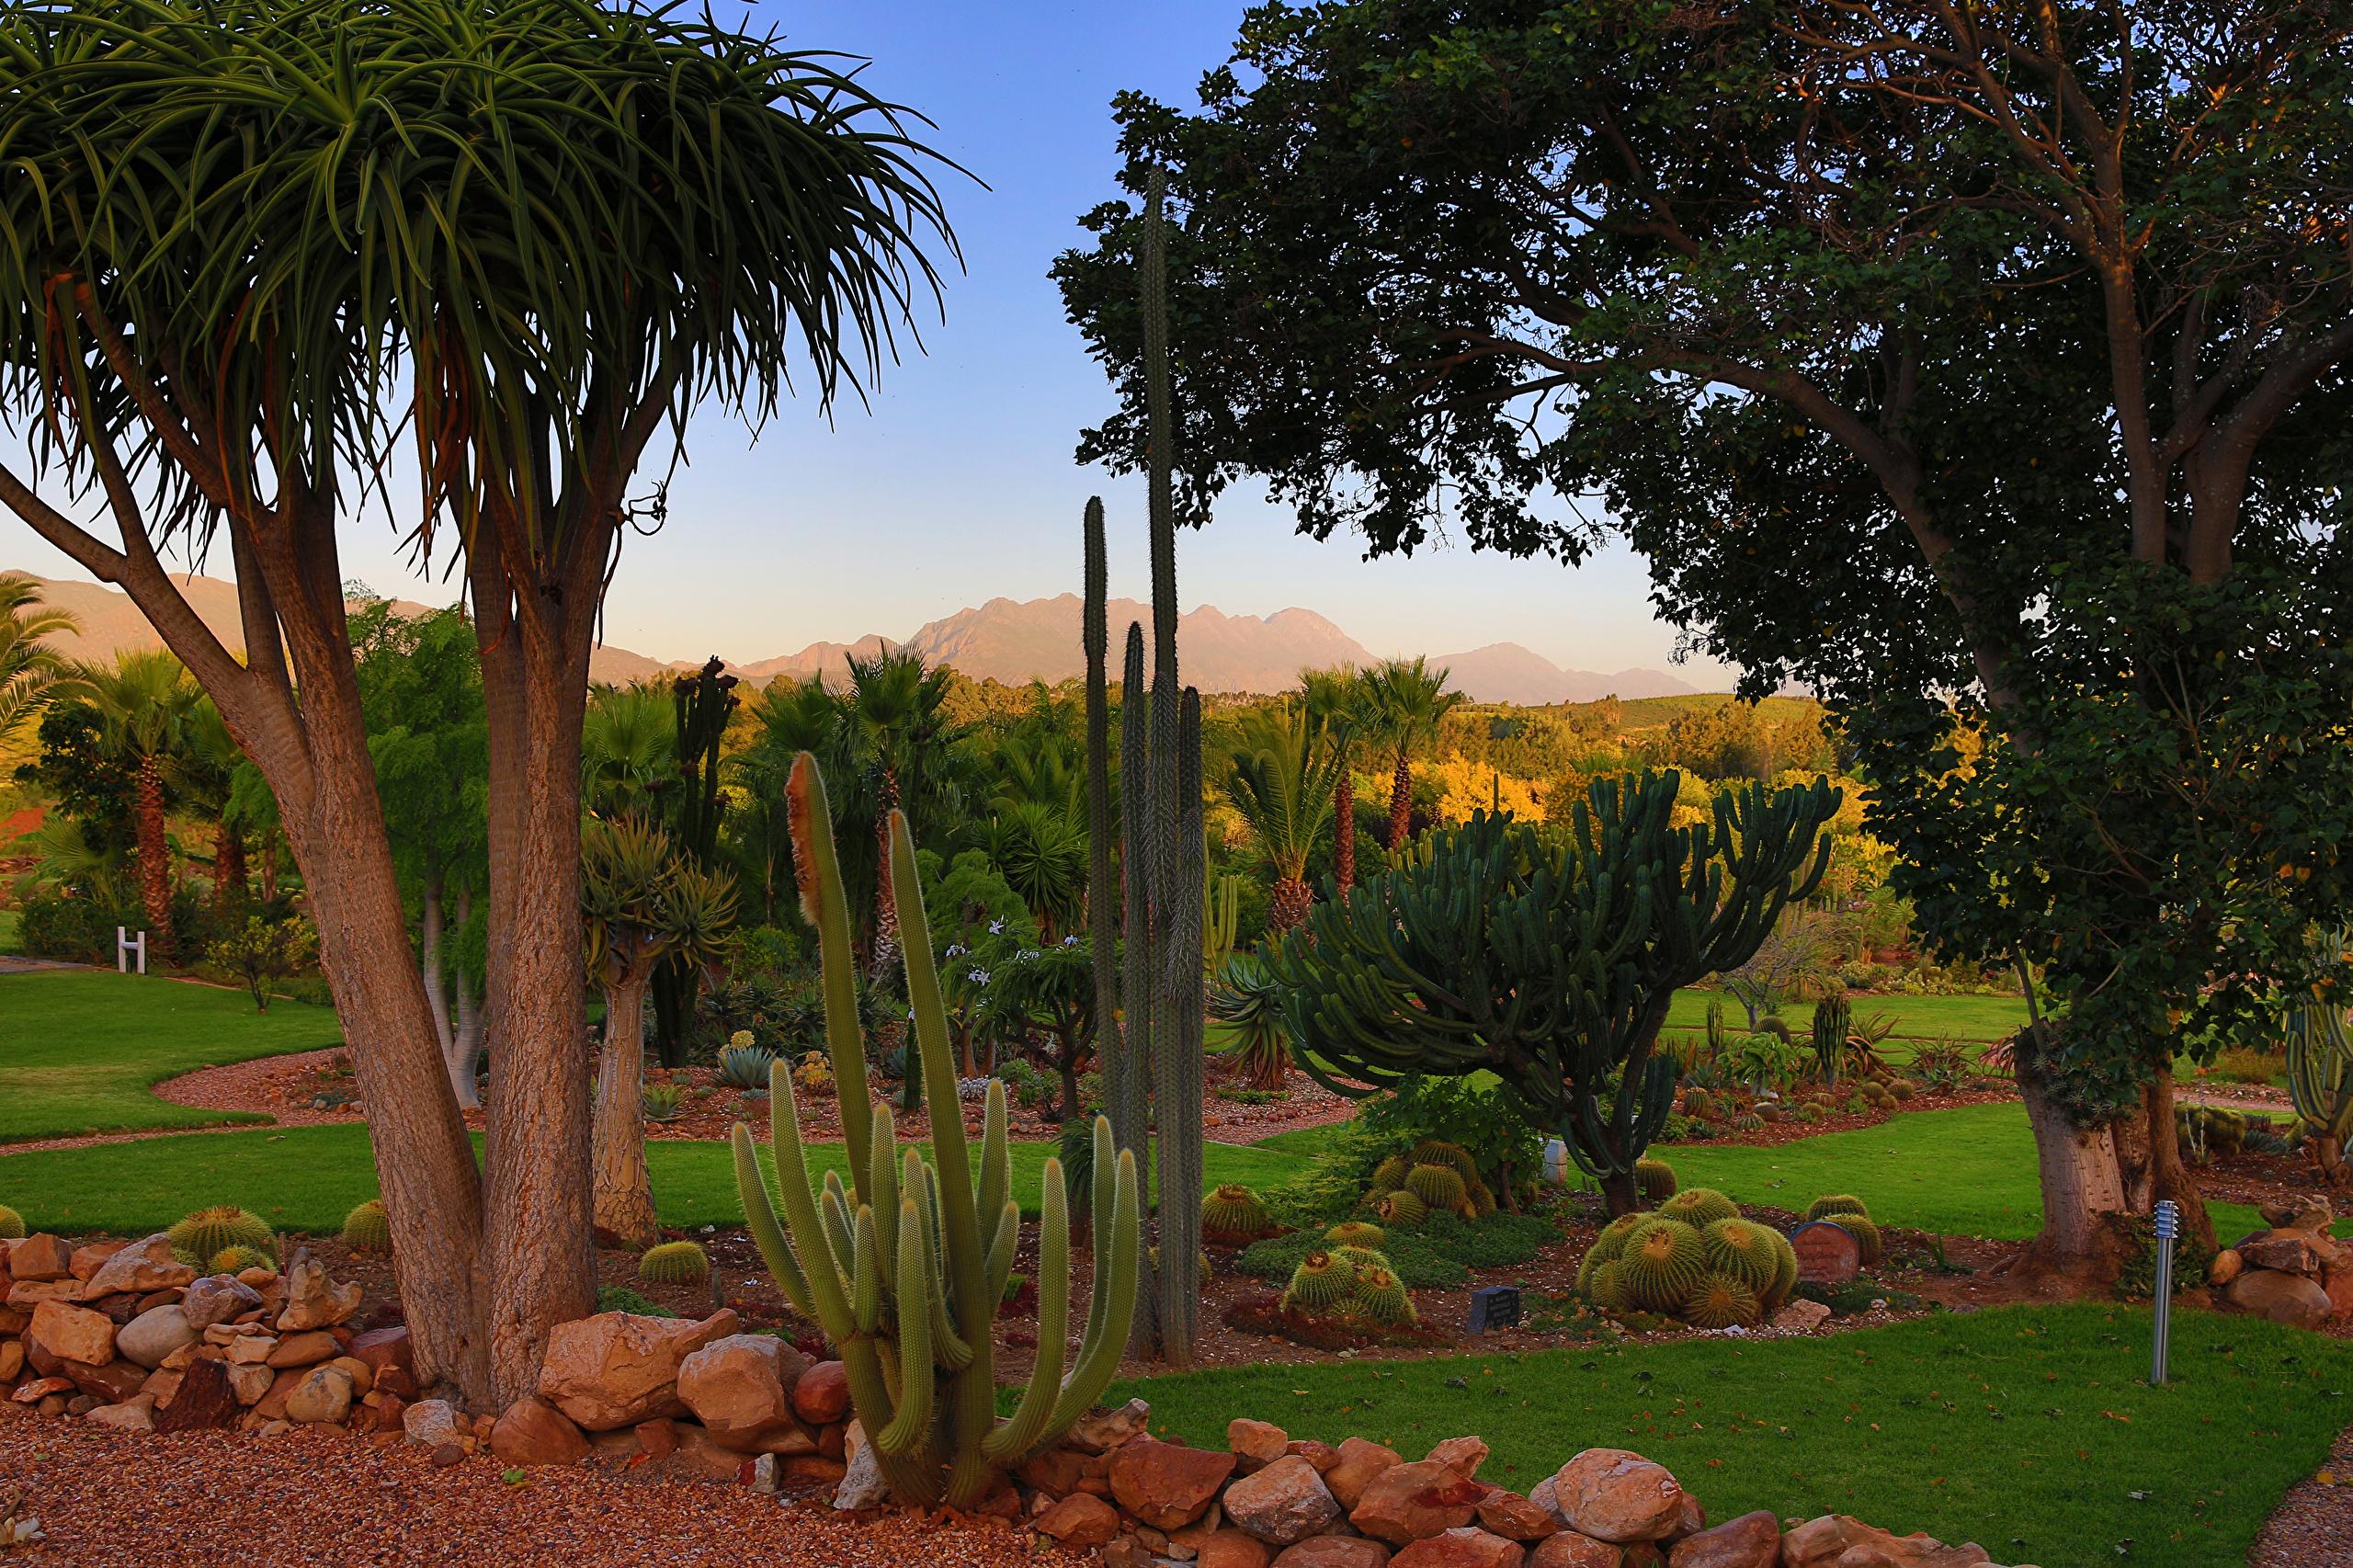 Картинки Африка Южно-Африканская Республика Природа Парки Кактусы деревьев 2560x1706 ЮАР парк дерево дерева Деревья